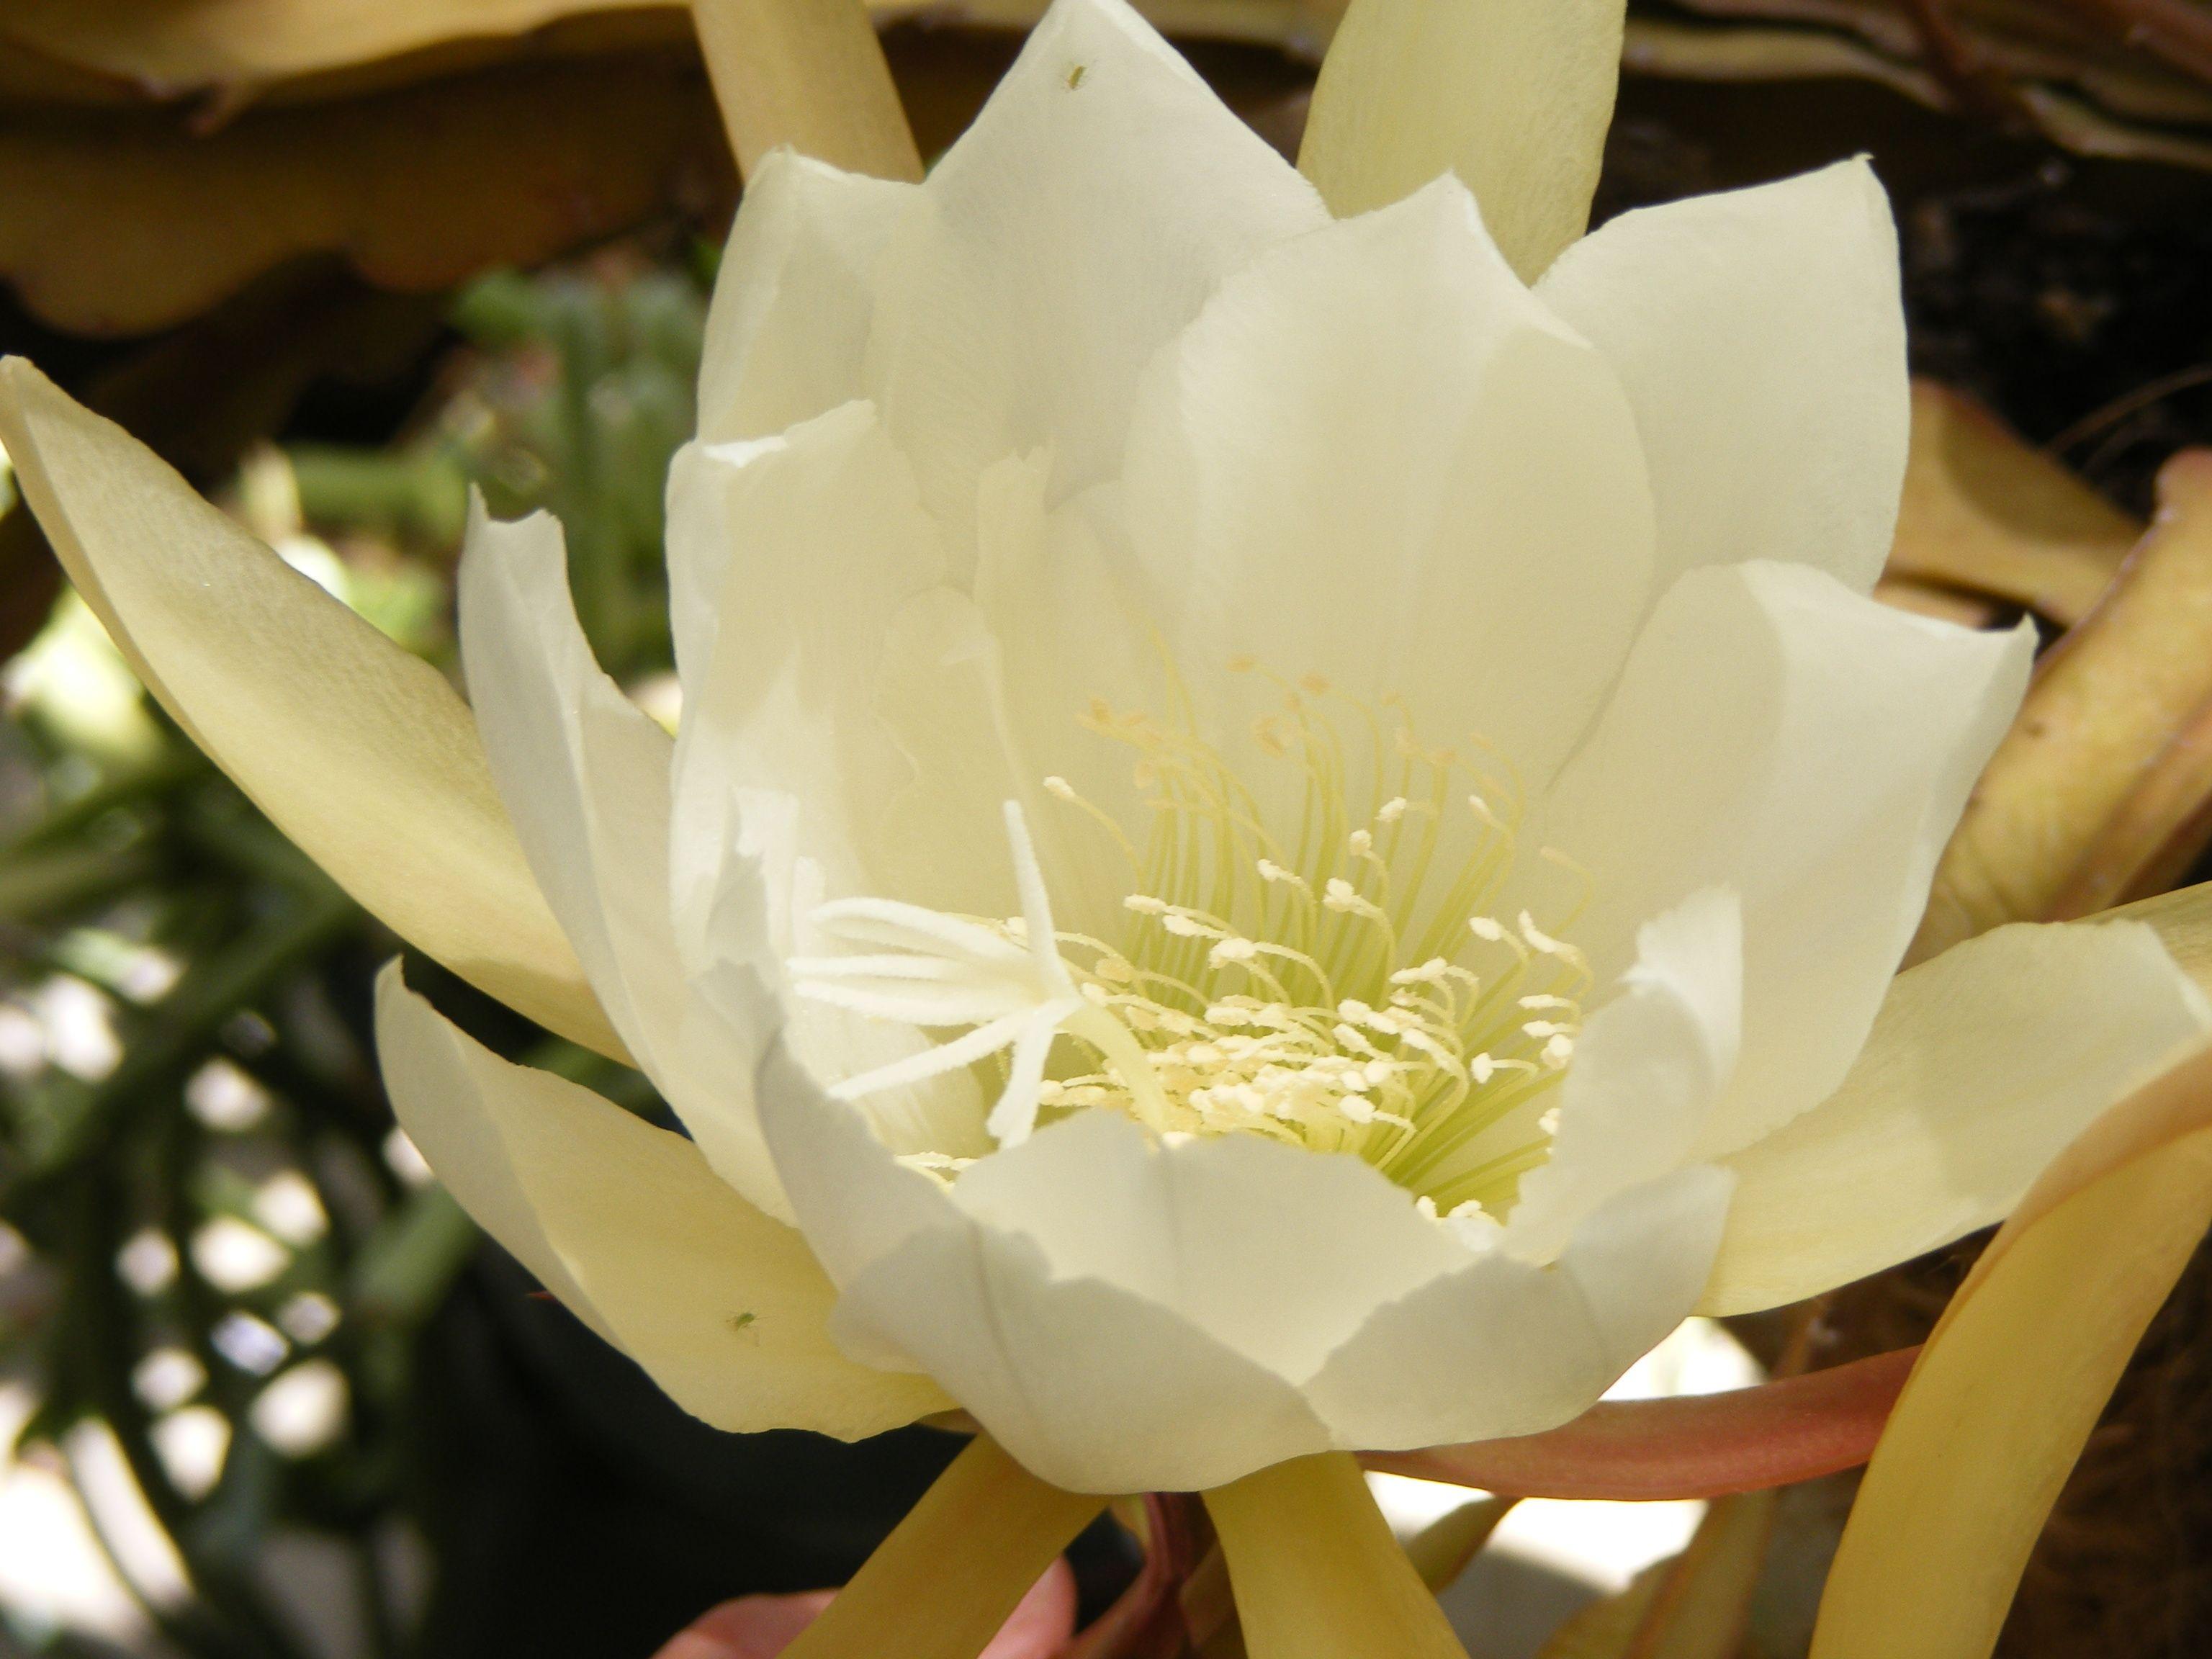 Epiphyllum - from my garden